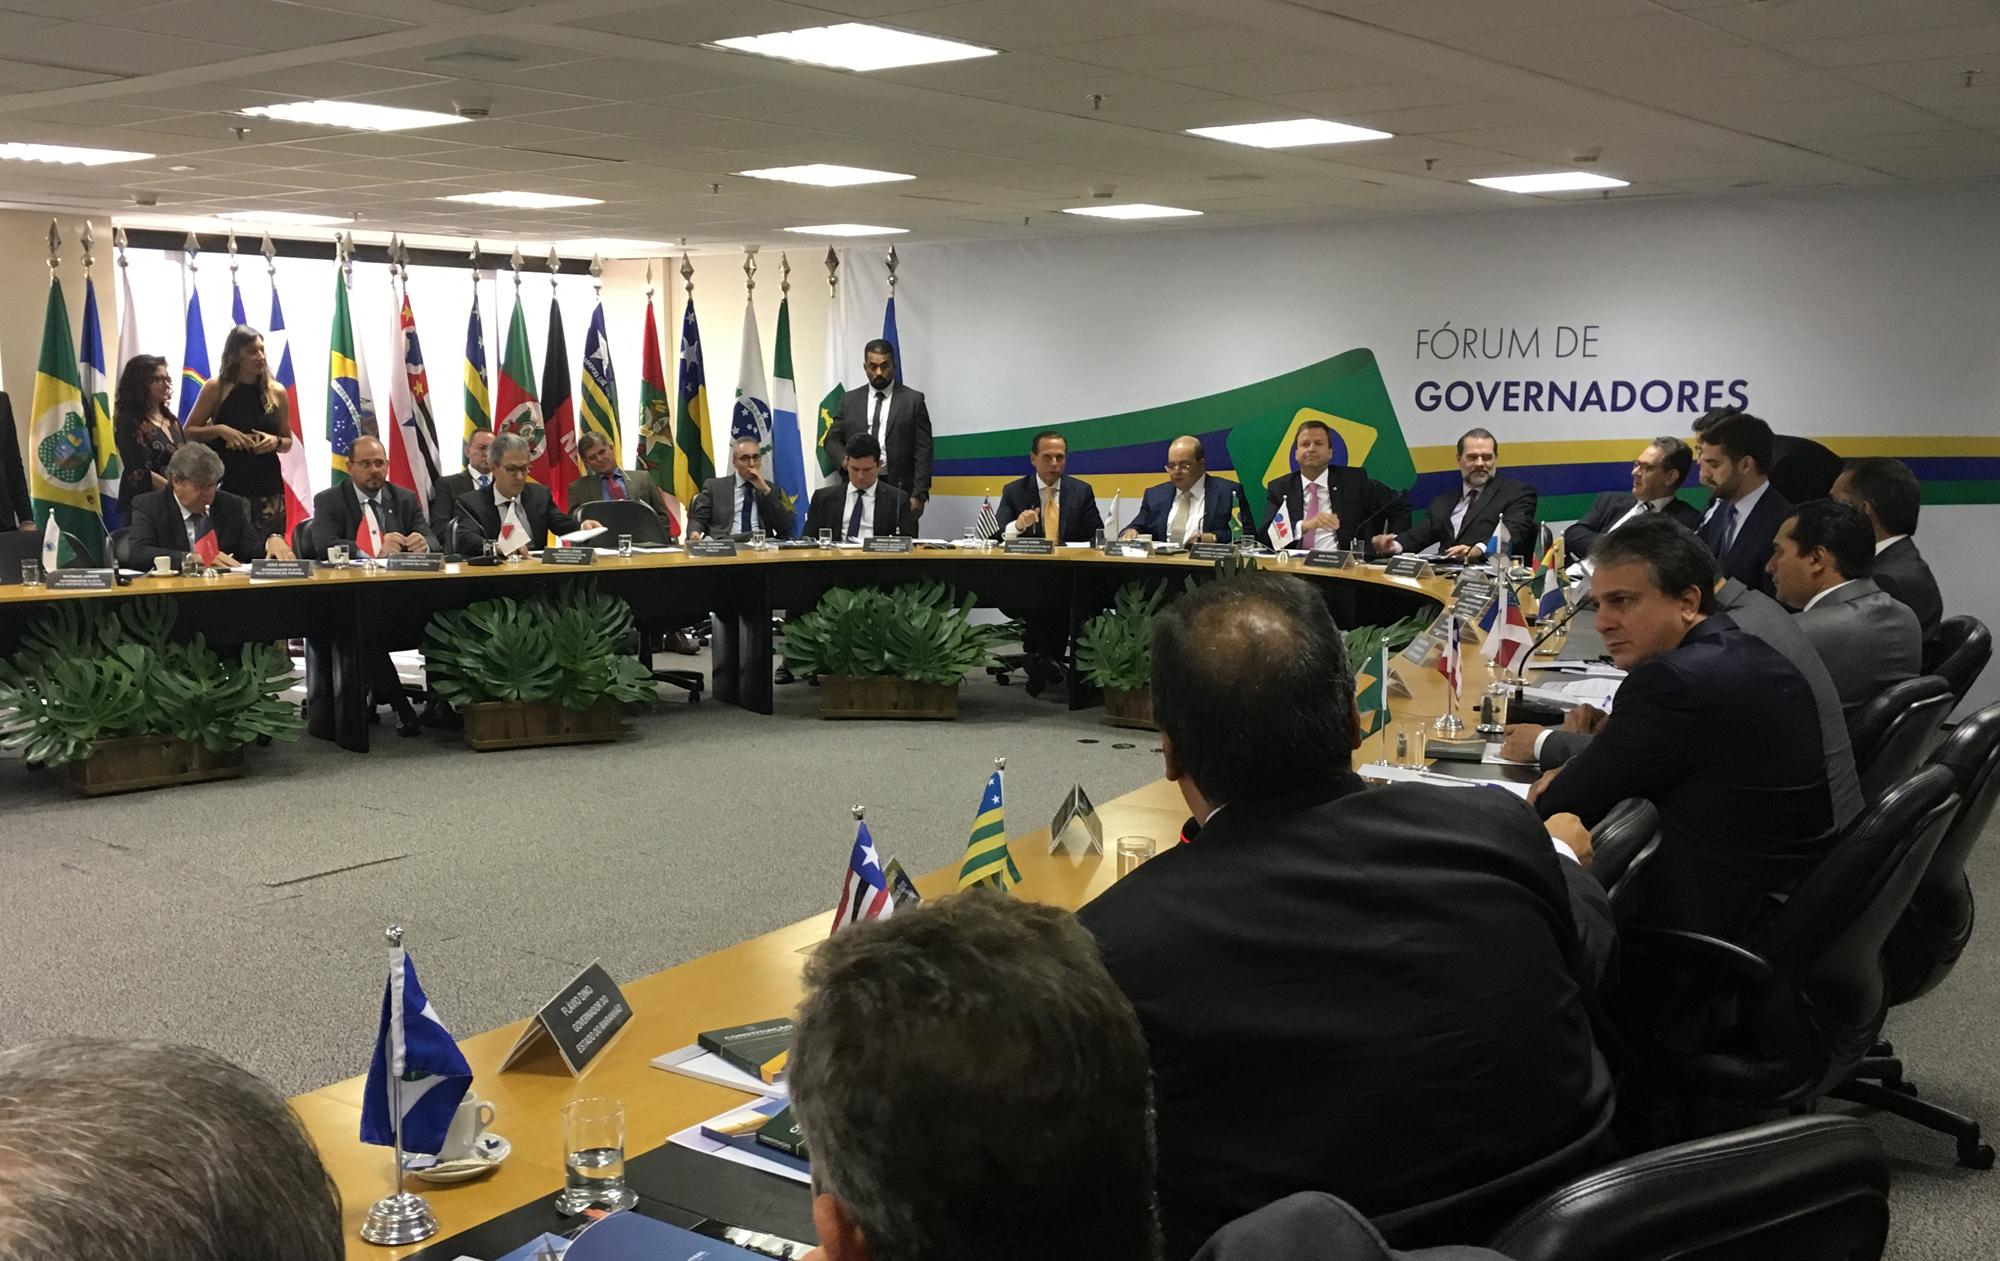 Em Fórum de Governadores, Camilo defende integração entre União e estados